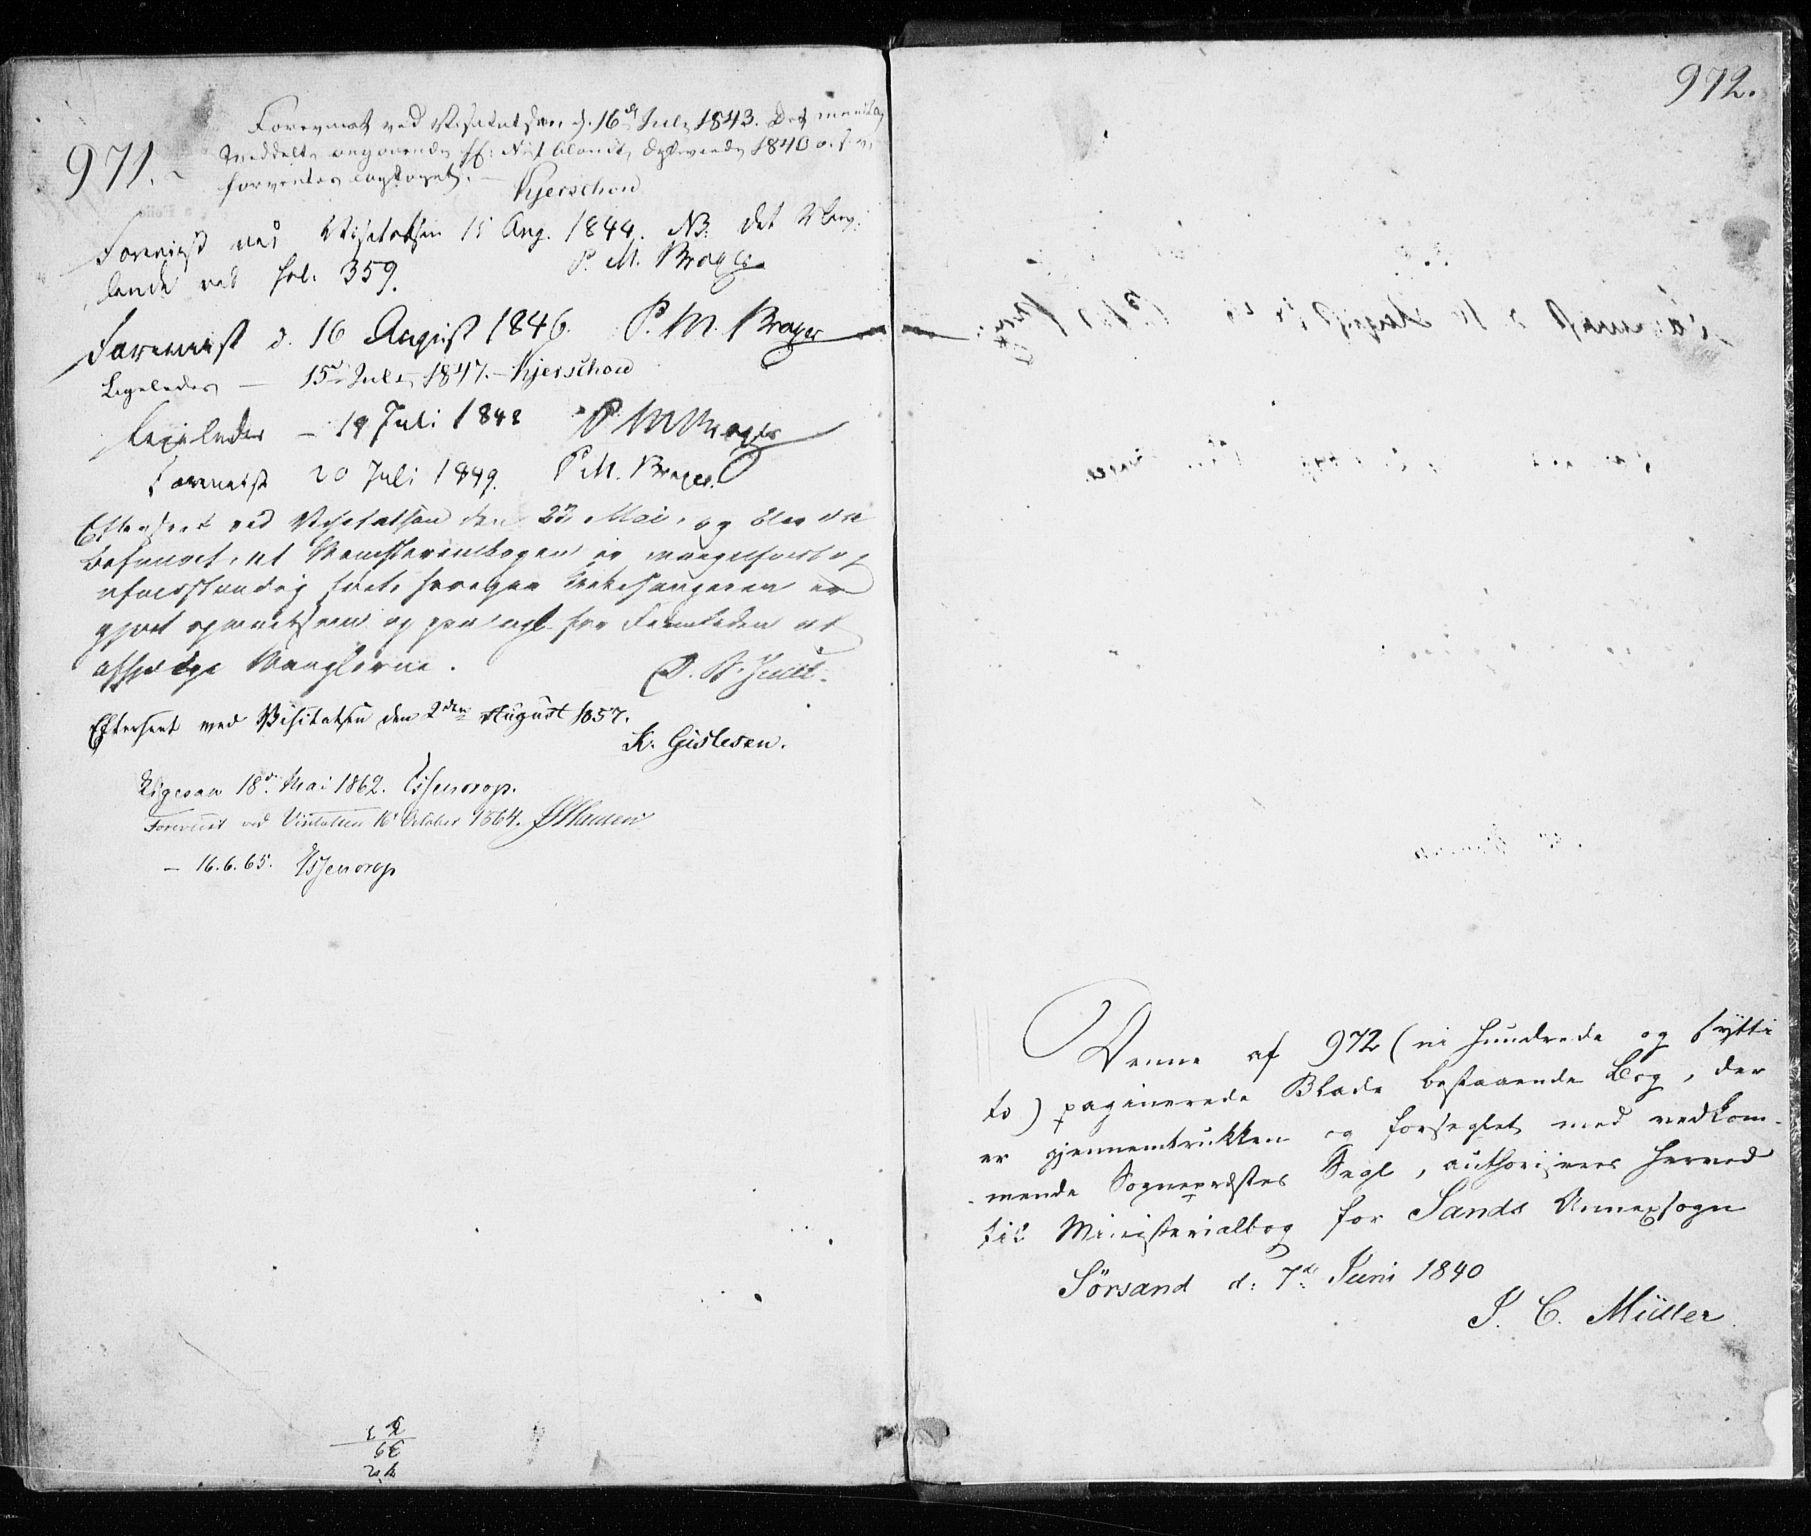 SATØ, Trondenes sokneprestkontor, H/Ha/L0010kirke: Ministerialbok nr. 10, 1840-1865, s. 971-972